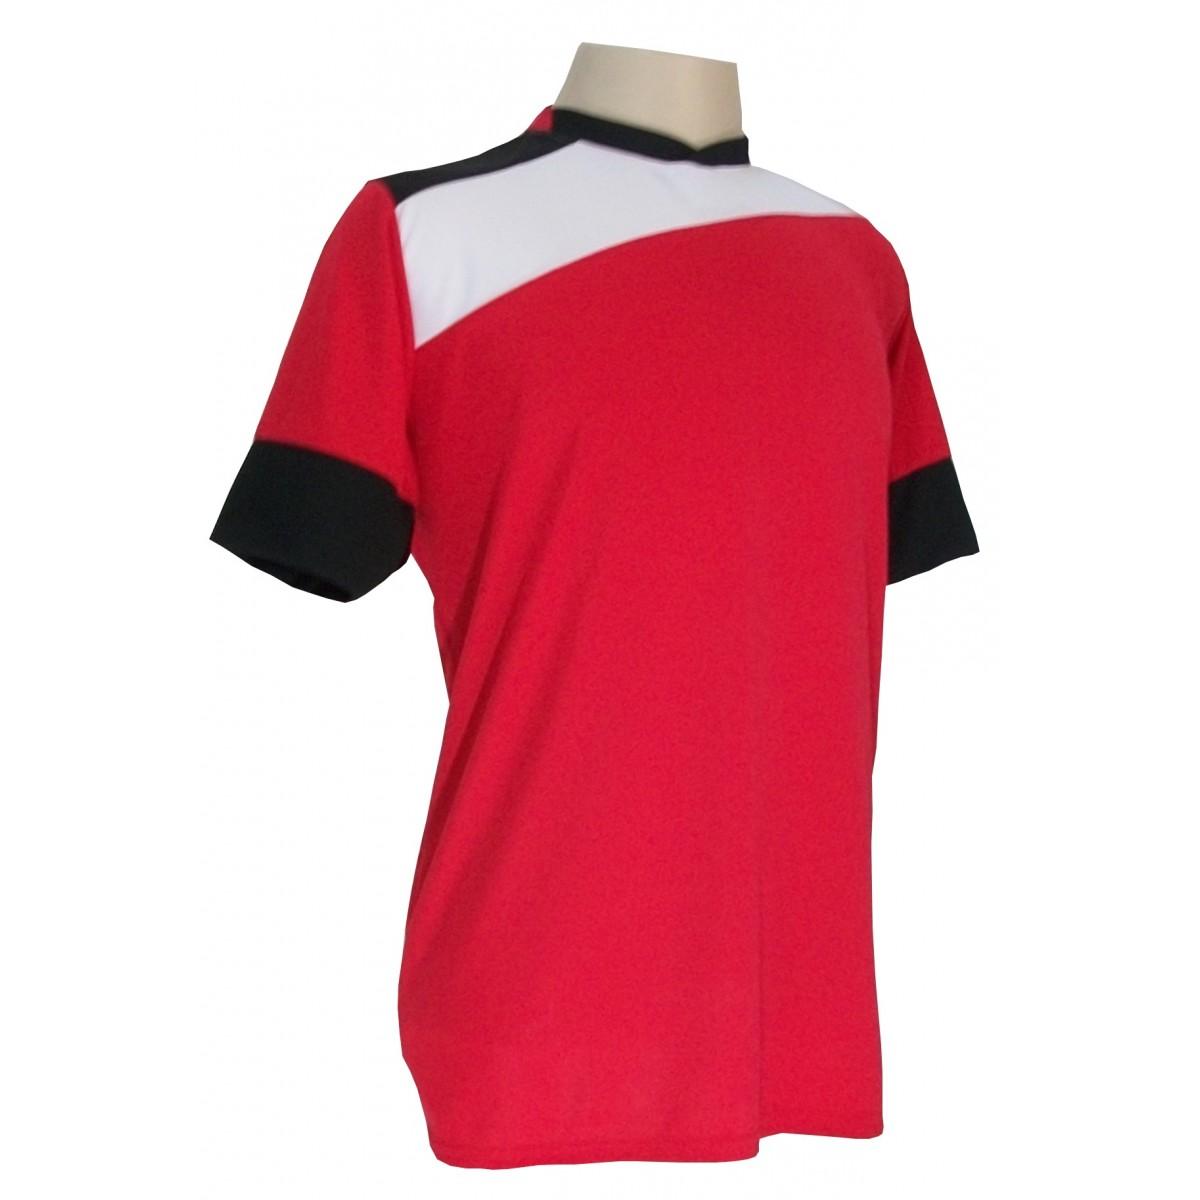 Uniforme Esportivo Completo modelo Sporting 14+1 (14 camisas Vermelho/Branco/Preto + 14 calções Madrid Preto + 14 pares de meiões Pretos + 1 conjunto de goleiro) + Brindes